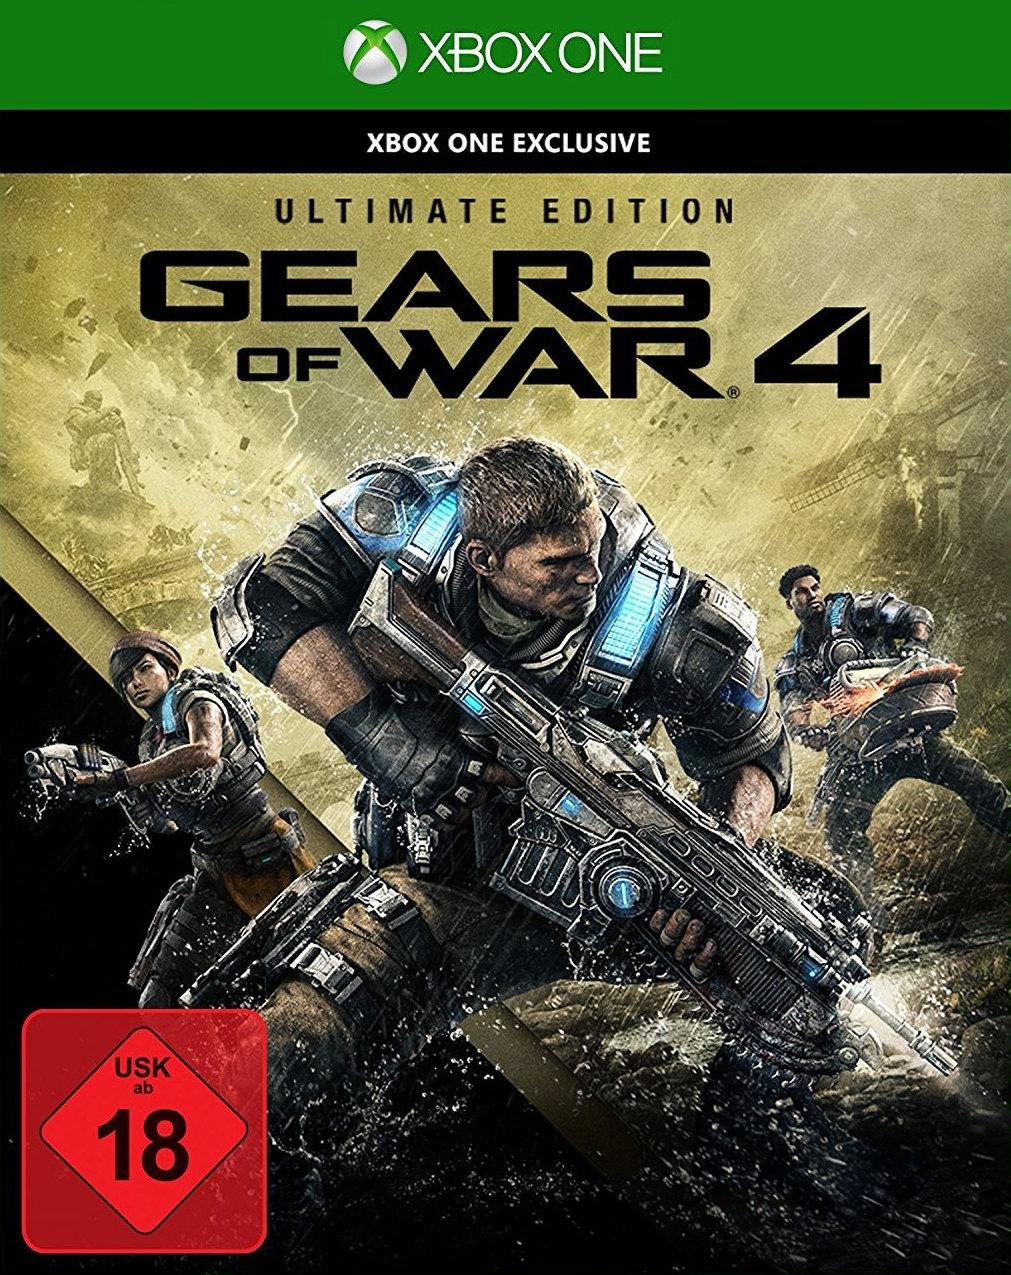 [Mediamarkt] Einige Xbox Spiele reduziert. Zb. Gears of War 4 Ultimate Edition für 25,-€ oder Sunset Overdrive für 5,-€ und weitere